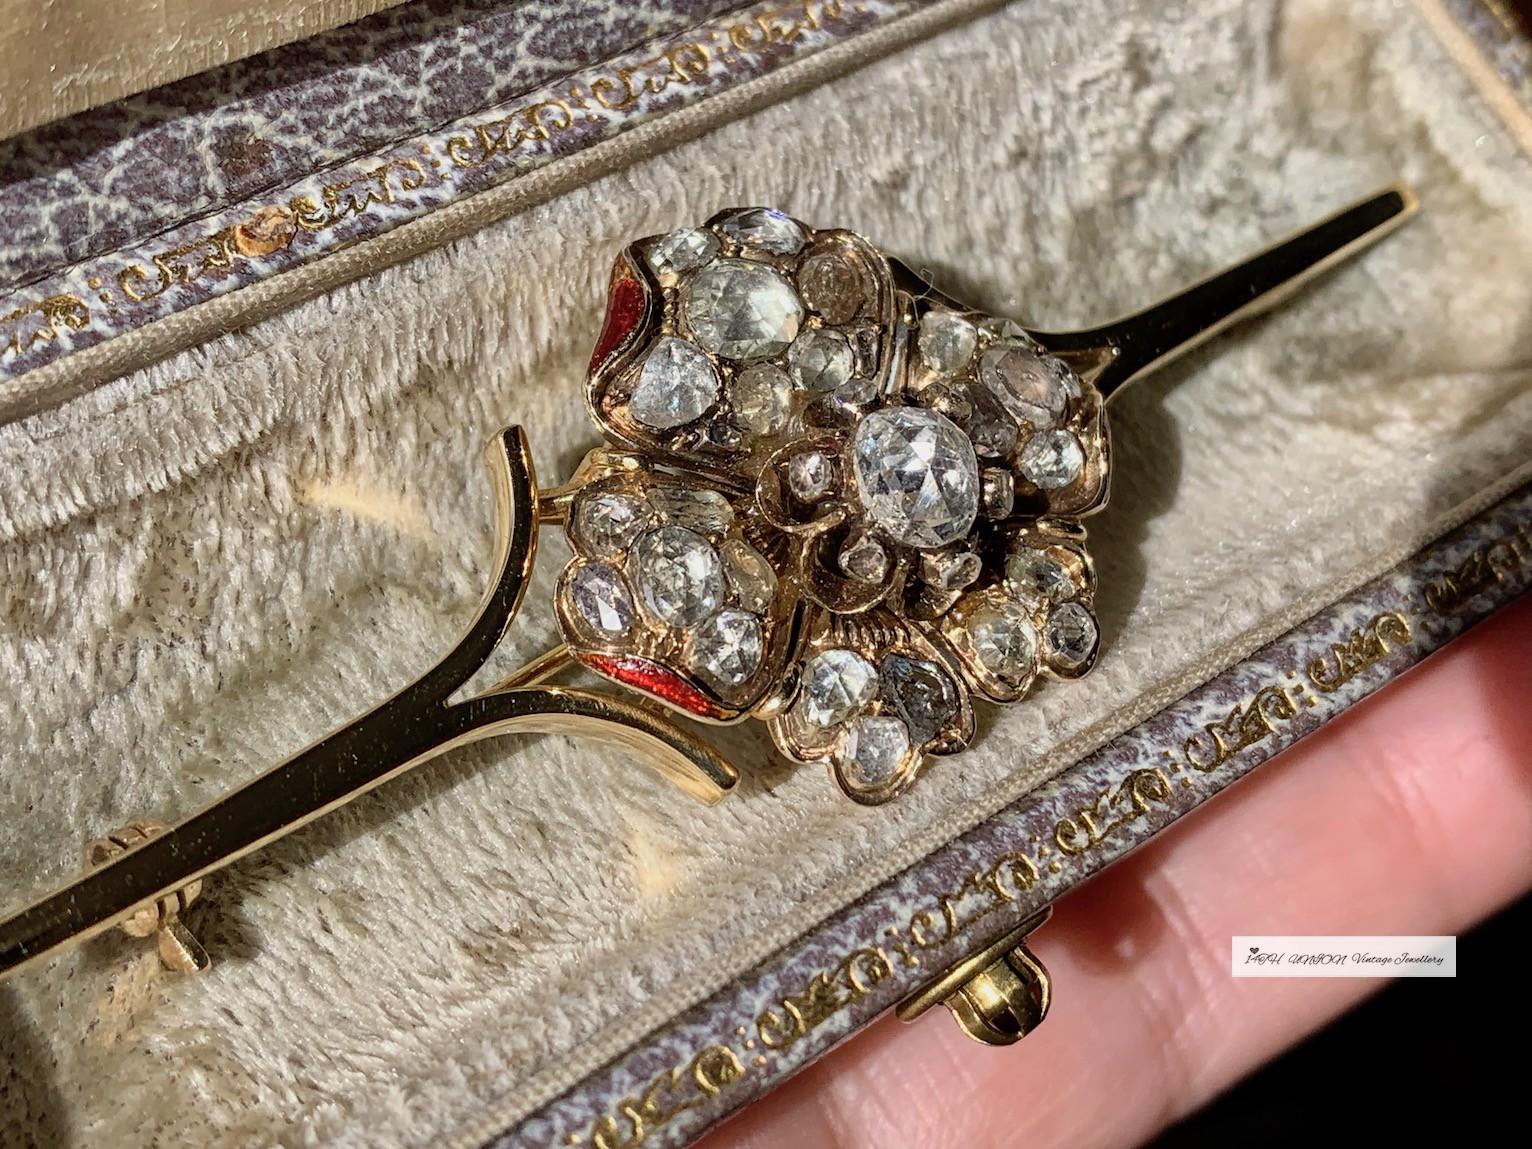 イギリスジョージ時代のバラの古いカットダイヤモンド群花冠盤エドワード時代の古いものの新作黄金骨董品のブローチ